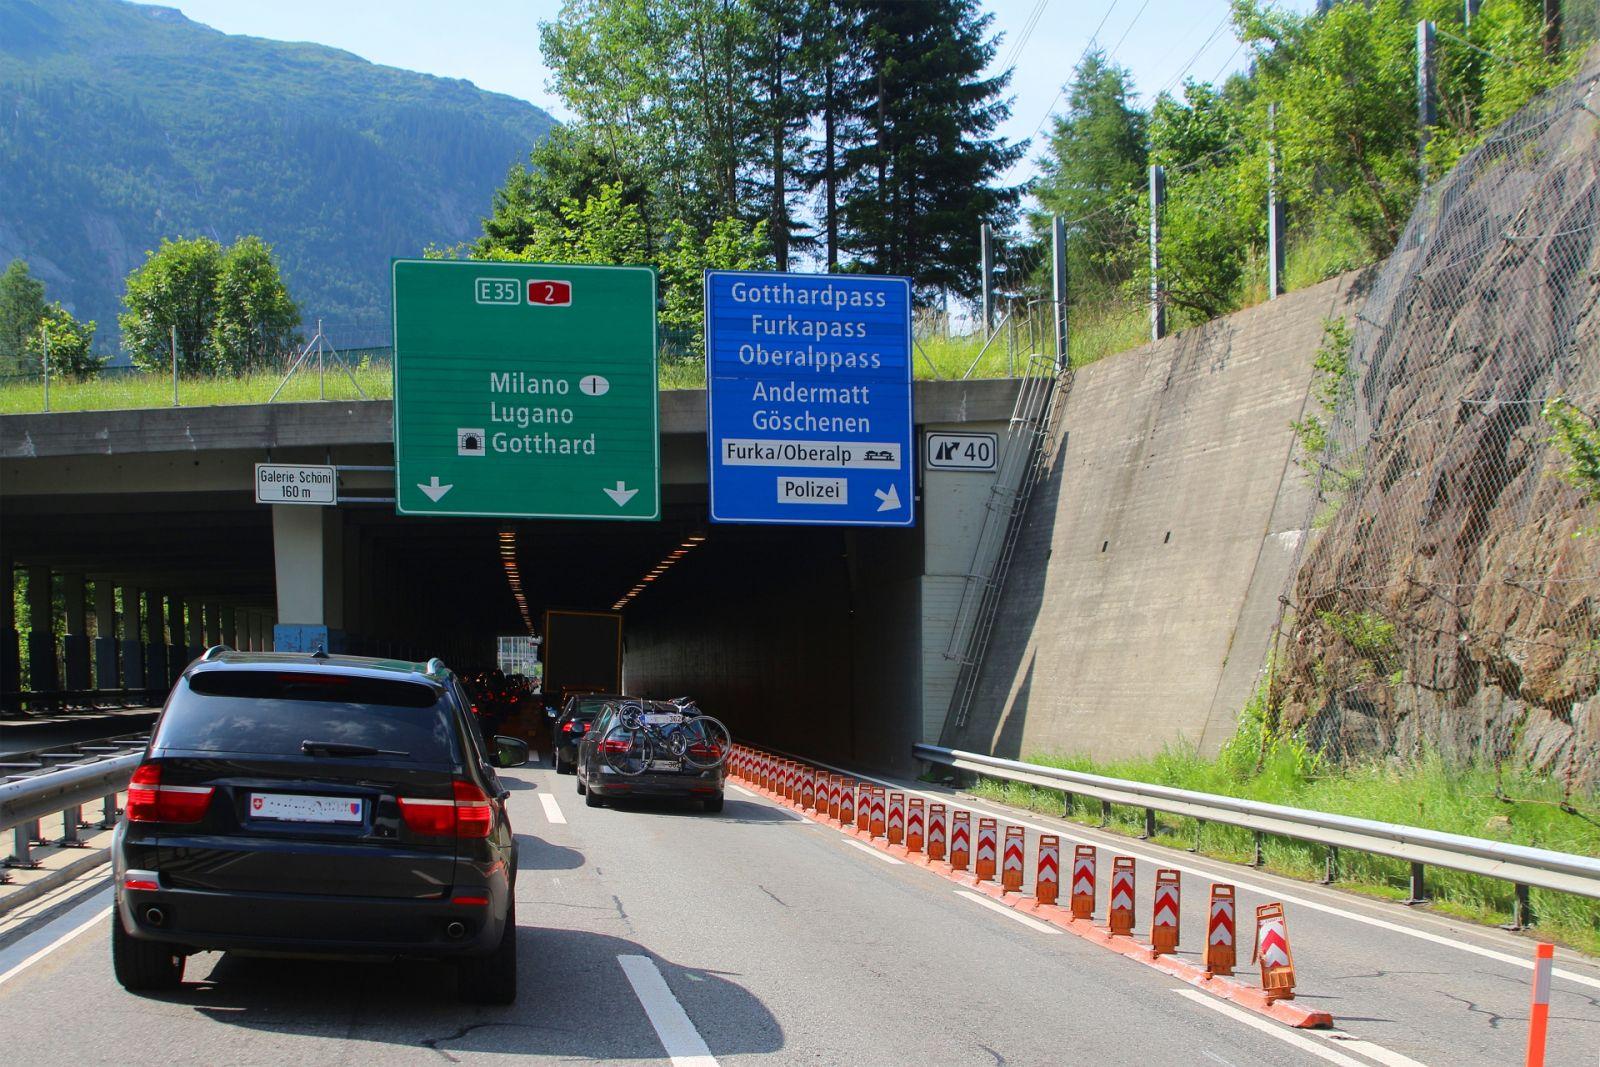 Durch den Sankt-Gotthard-Tunnel, Schweiz. ©Ines Porada/AdobeStock